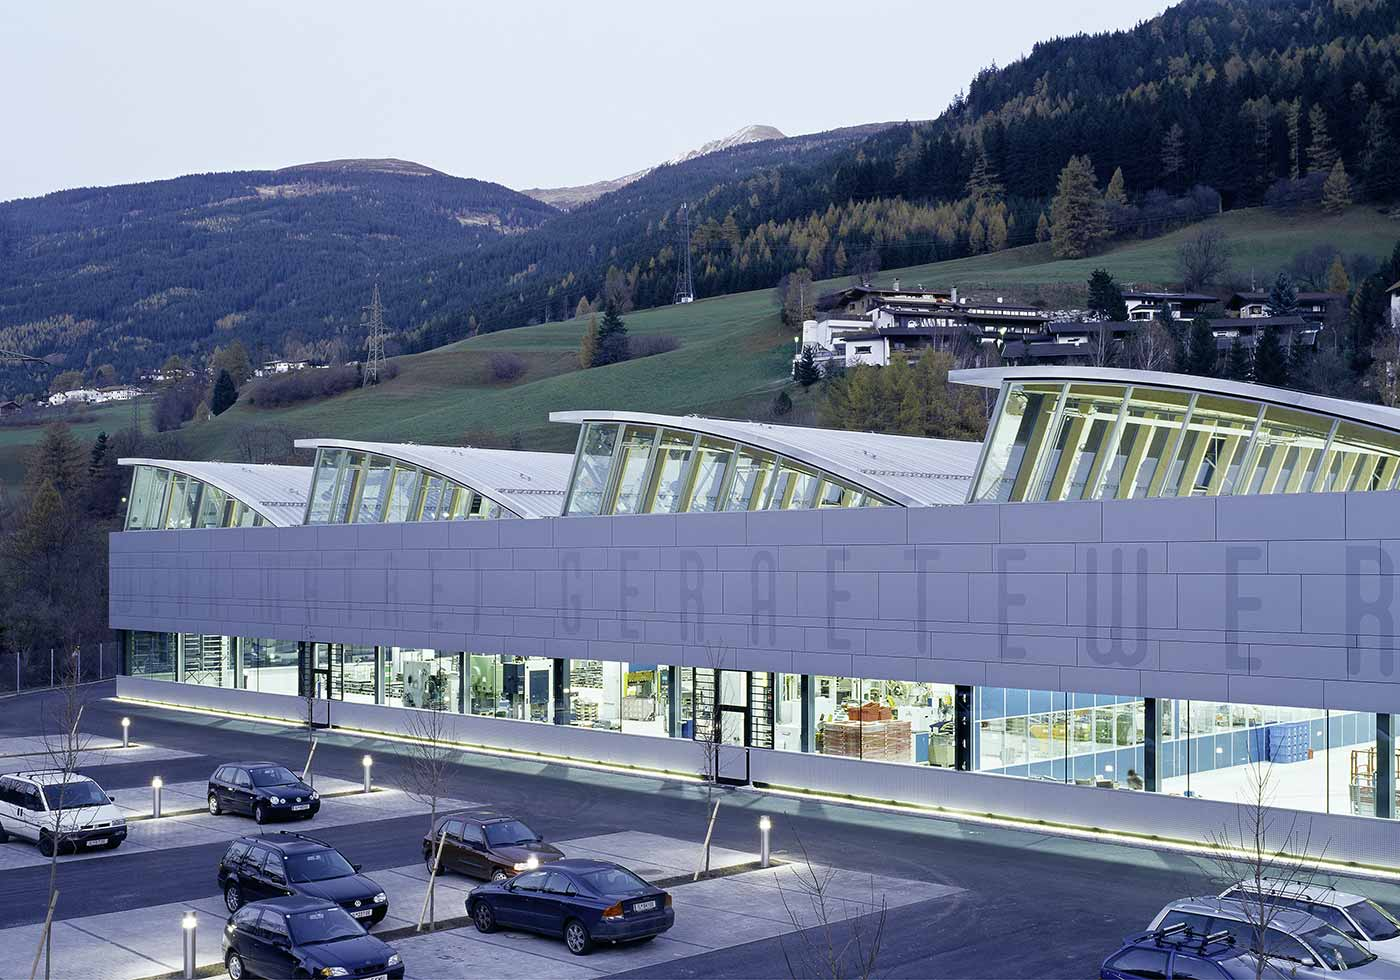 Производственный комплекс Gerätewerk, Матрай-на-Бреннере, Австрия